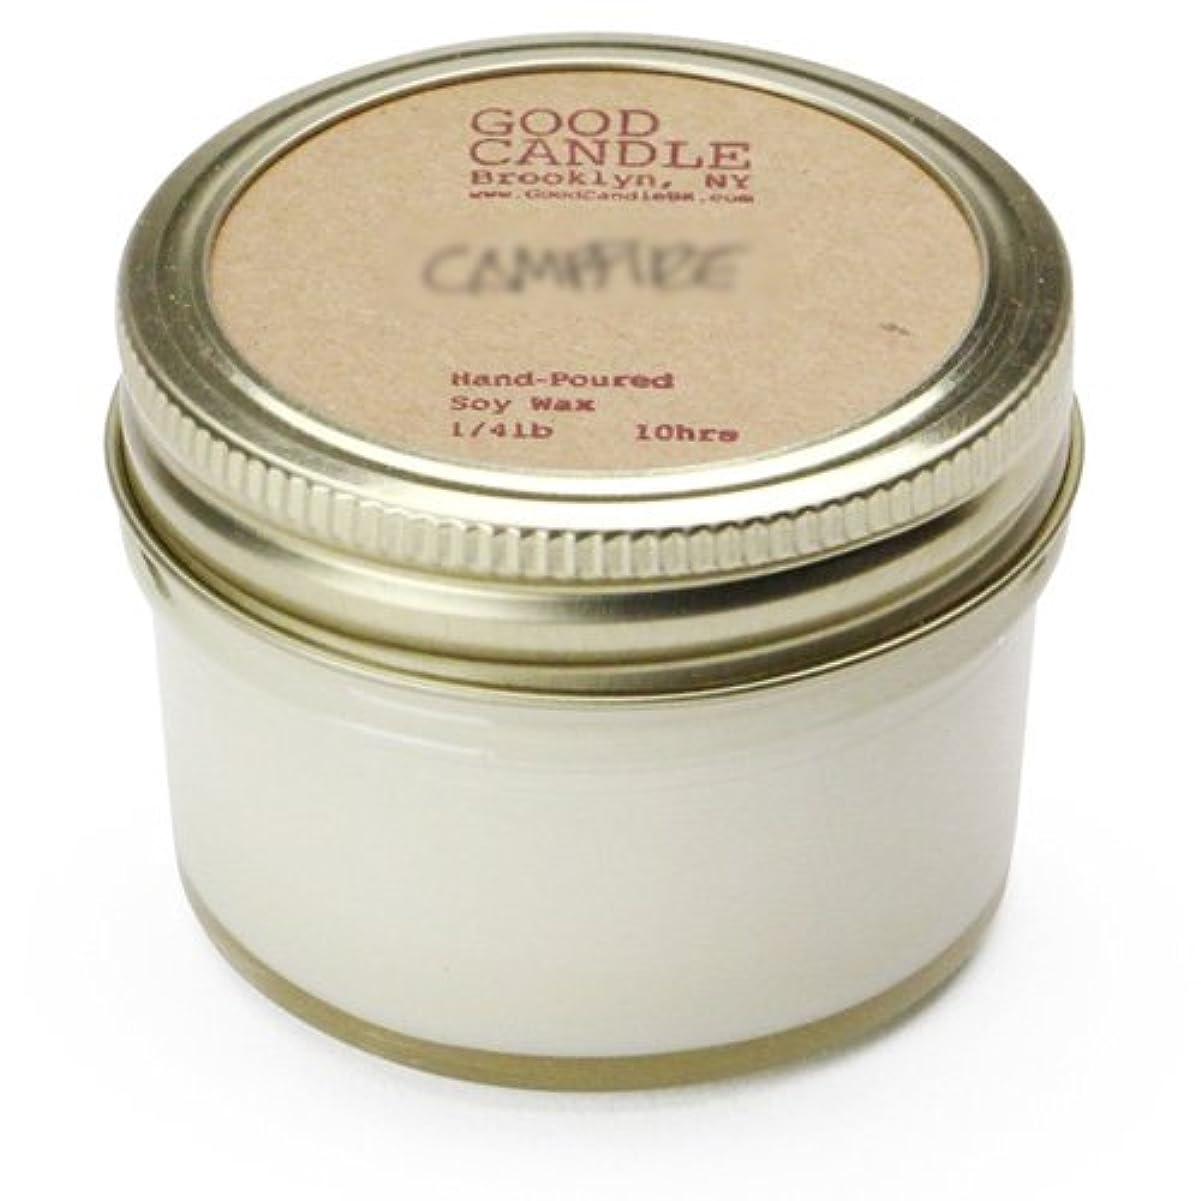 増幅器要旨通信するグッドキャンドル 1/4ポンド ゼリージャー キャンドル Good Candle 1/4LB Jelly jar candle [ Basil ] 正規品